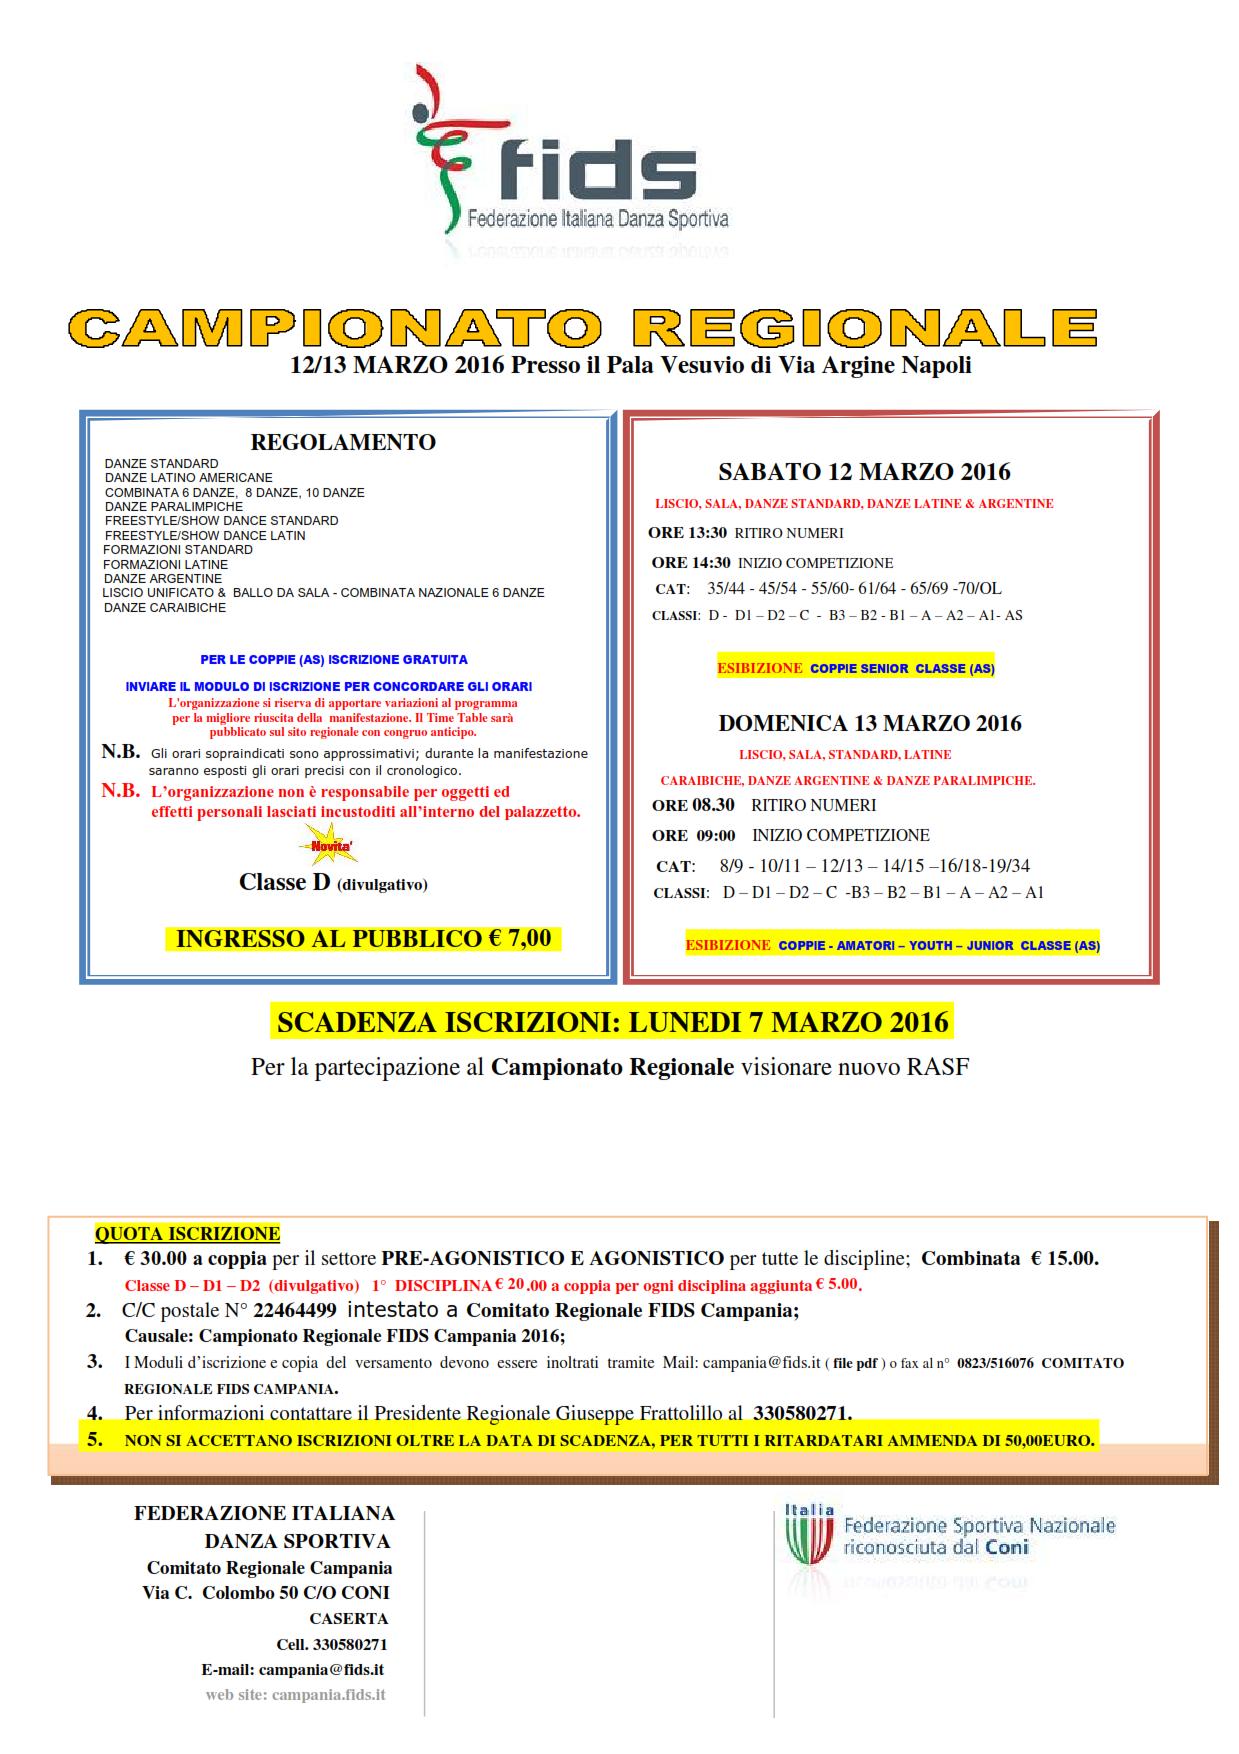 VOLANTINO CAMPIONATO REGIONALE DI MARZO_001_0